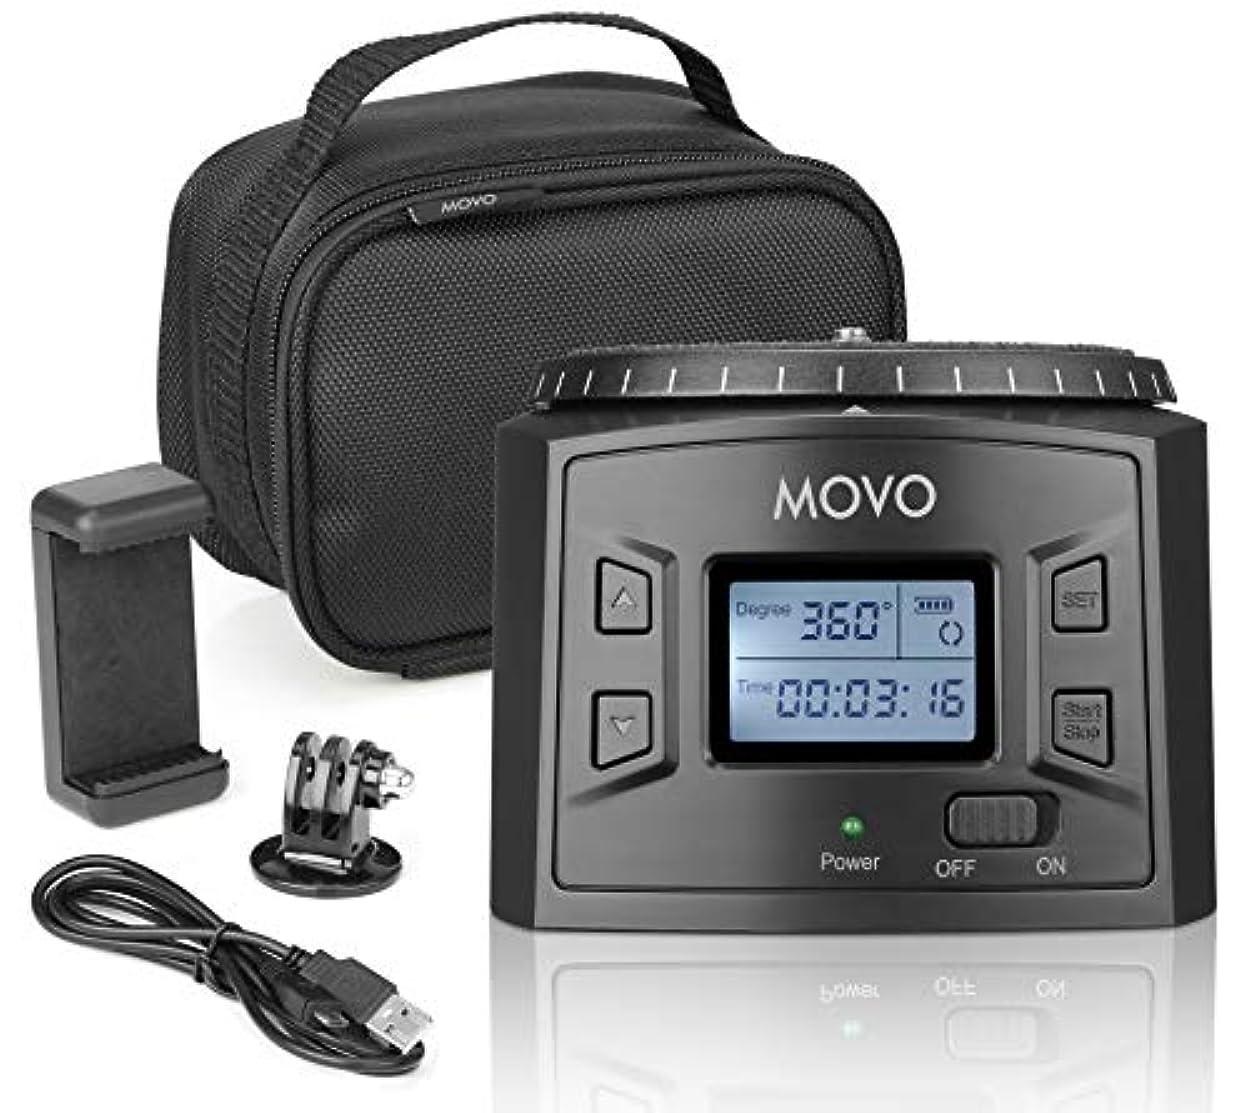 ペネロペレンズ名前を作るMovo MTP-20 プログラム可能 パノラマ式 タイムラプス 三脚ヘッド 調節可能な回転角度、方向、速度付き - スマートフォン、GoPro、ミラーレス、デジタル一眼レフカメラに対応 最大4.4ポンドまで。